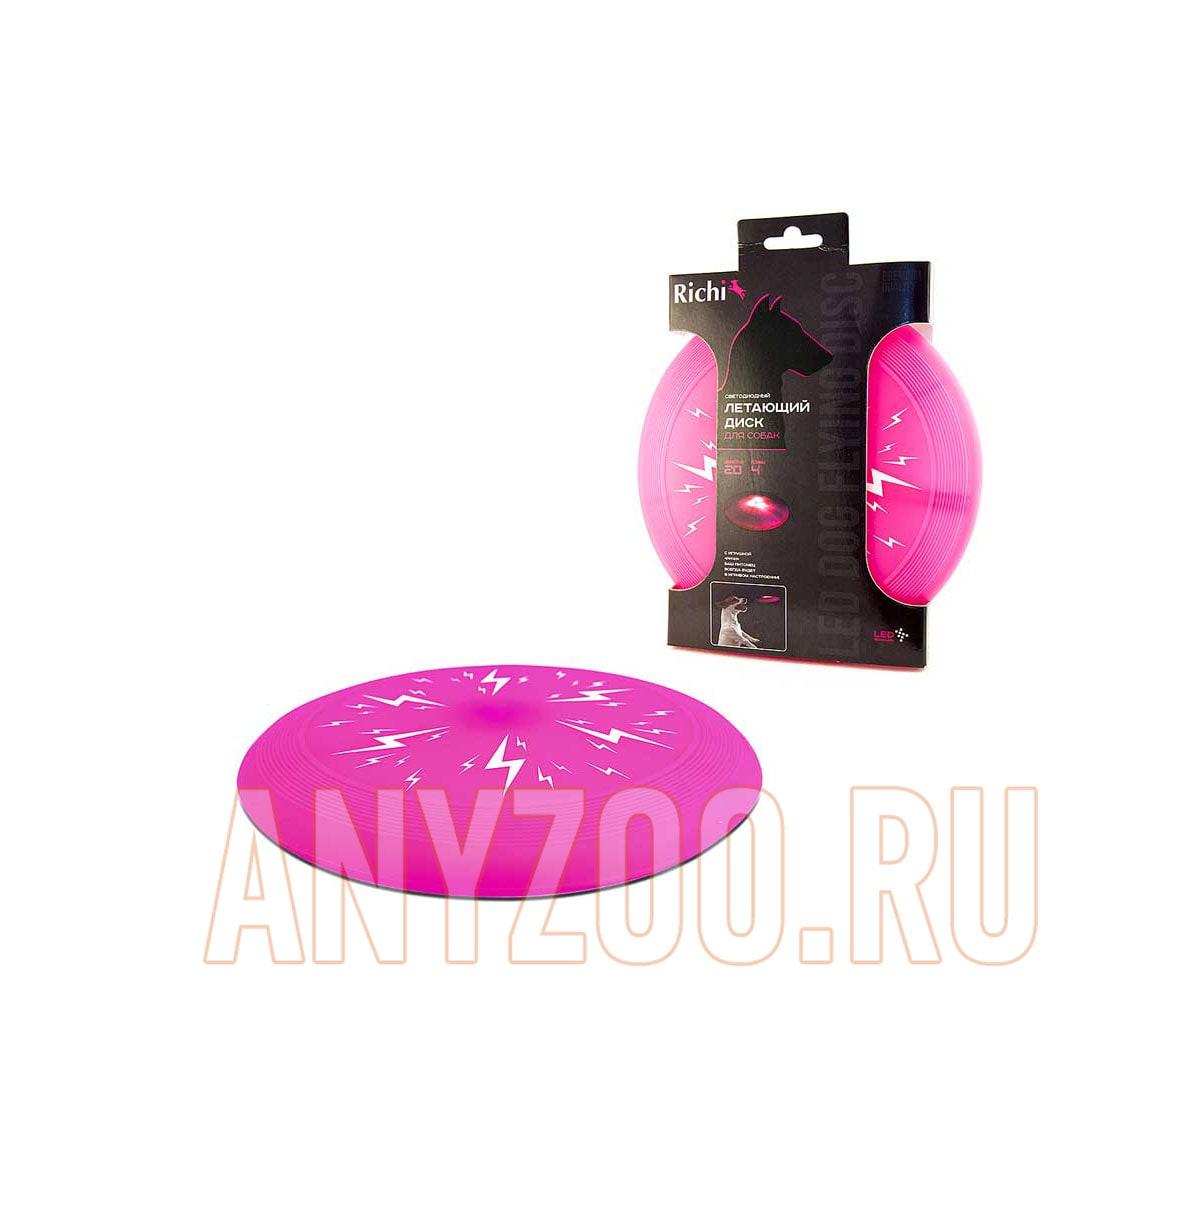 Фото товара Richi летающий диск-фрисби с LED подсветкой 4 режима 20см